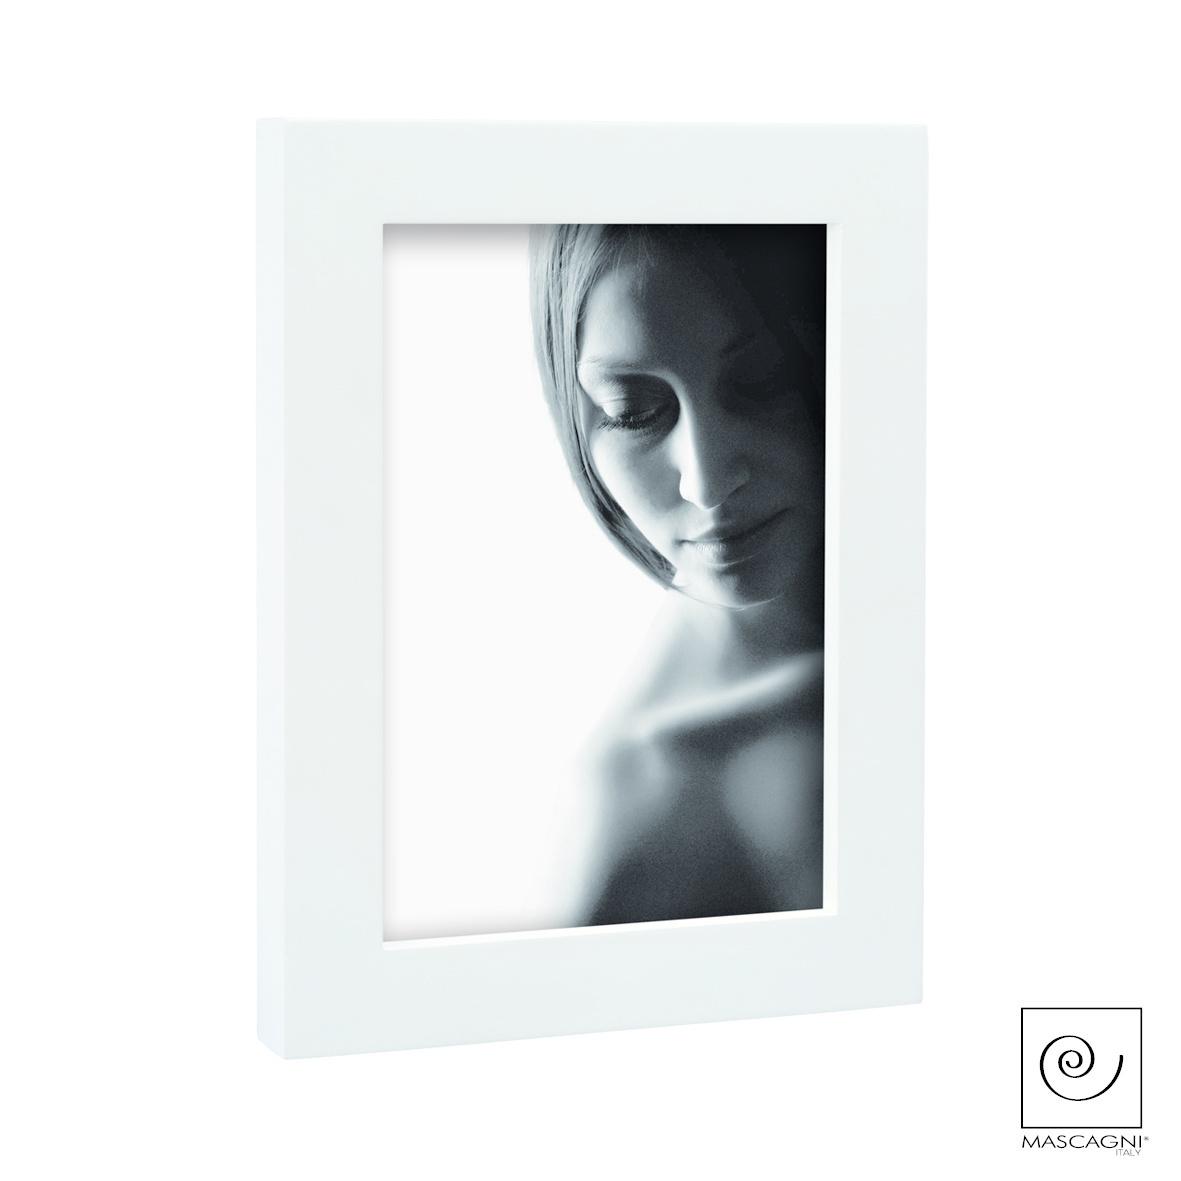 Art Mascagni M882 PHOTO FRAME 13X18 - COL.WHITE